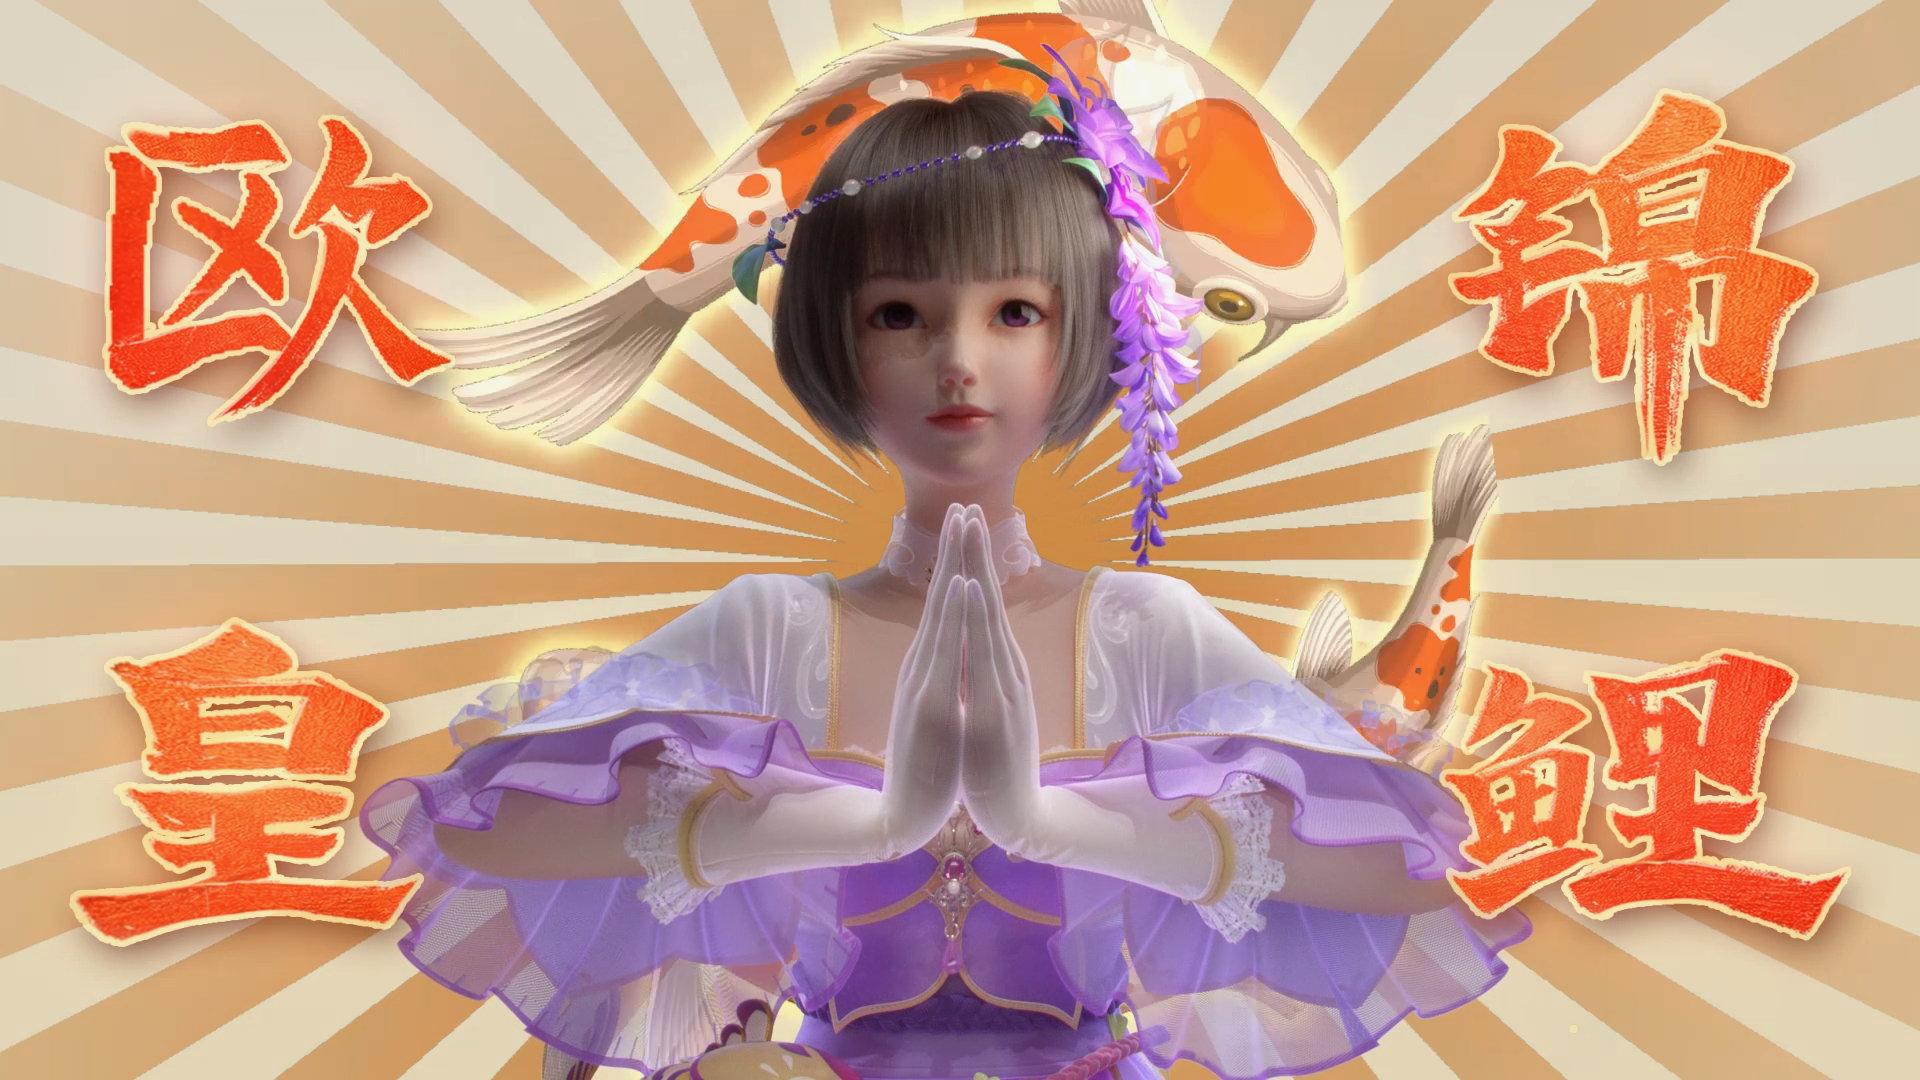 逆转次元紫苏炒饭壁纸图片